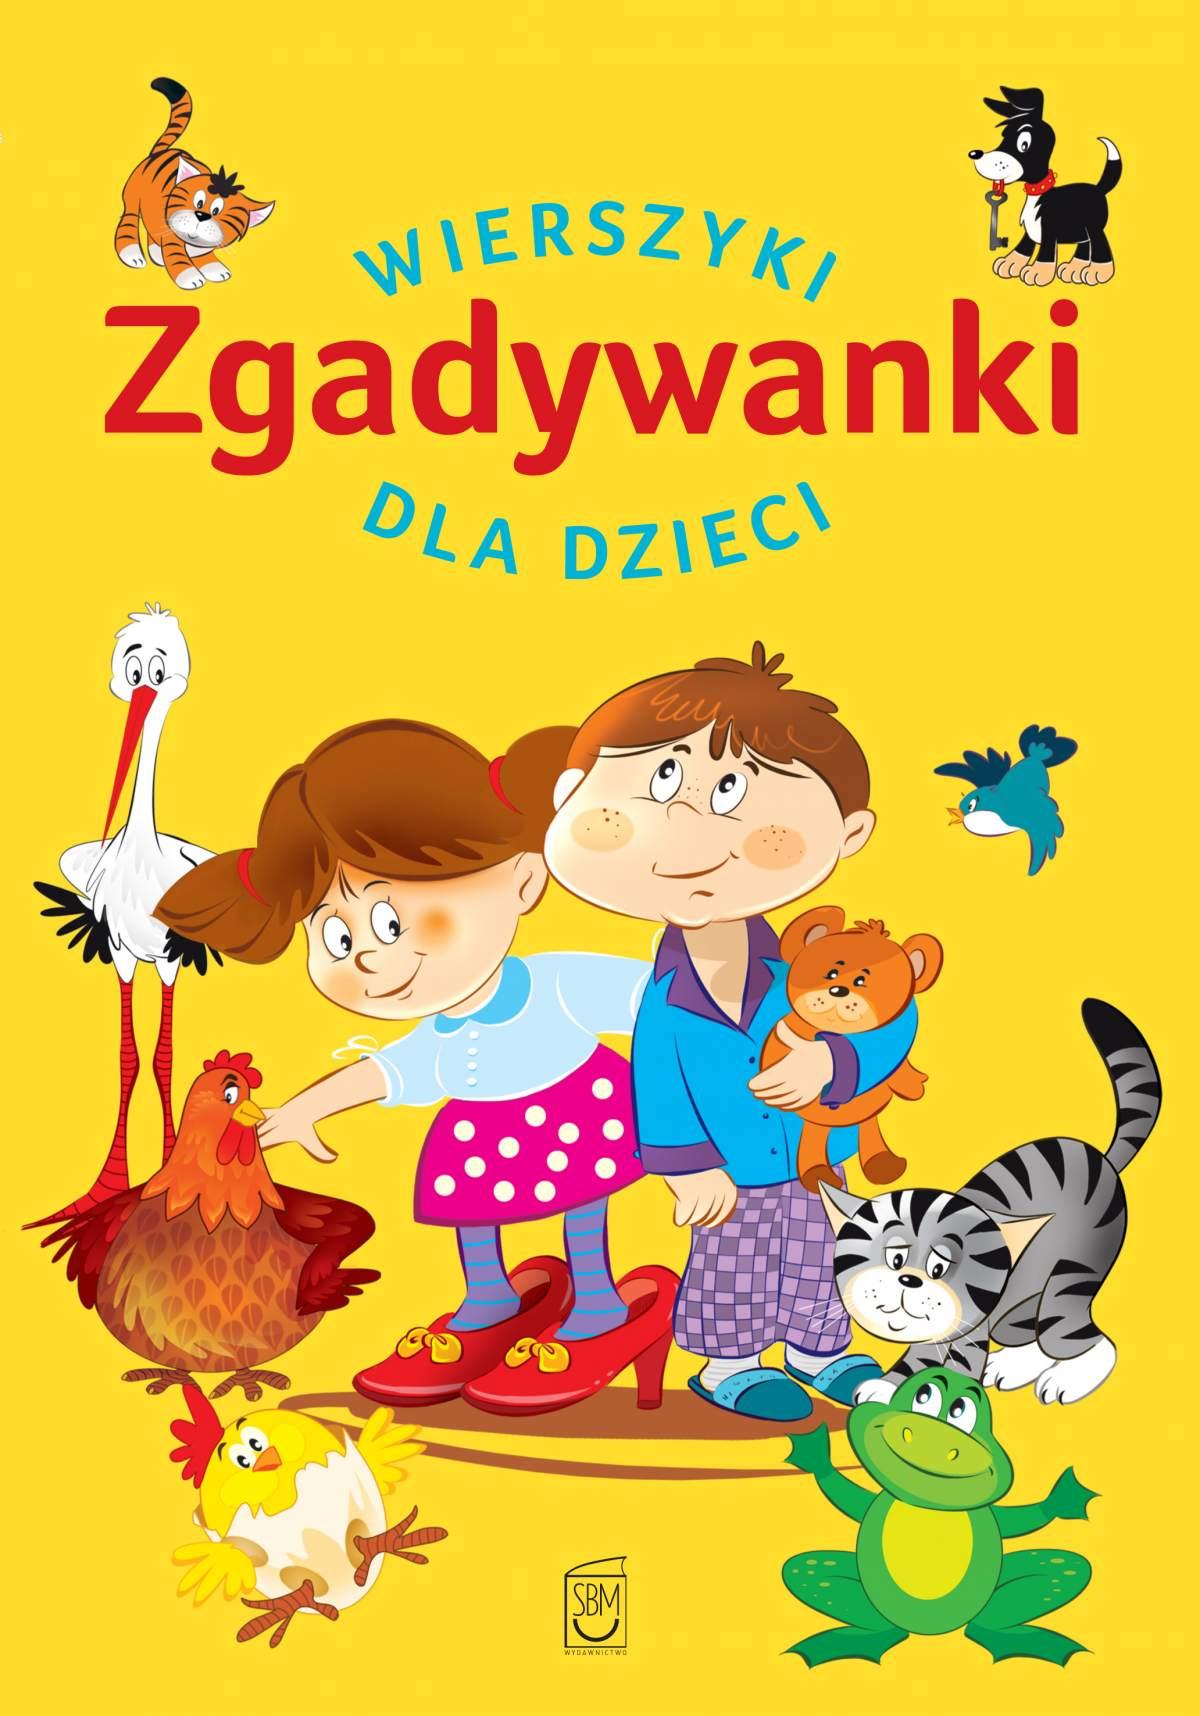 Zgadywanki. Wierszyki dla dzieci - Ebook (Książka PDF) do pobrania w formacie PDF